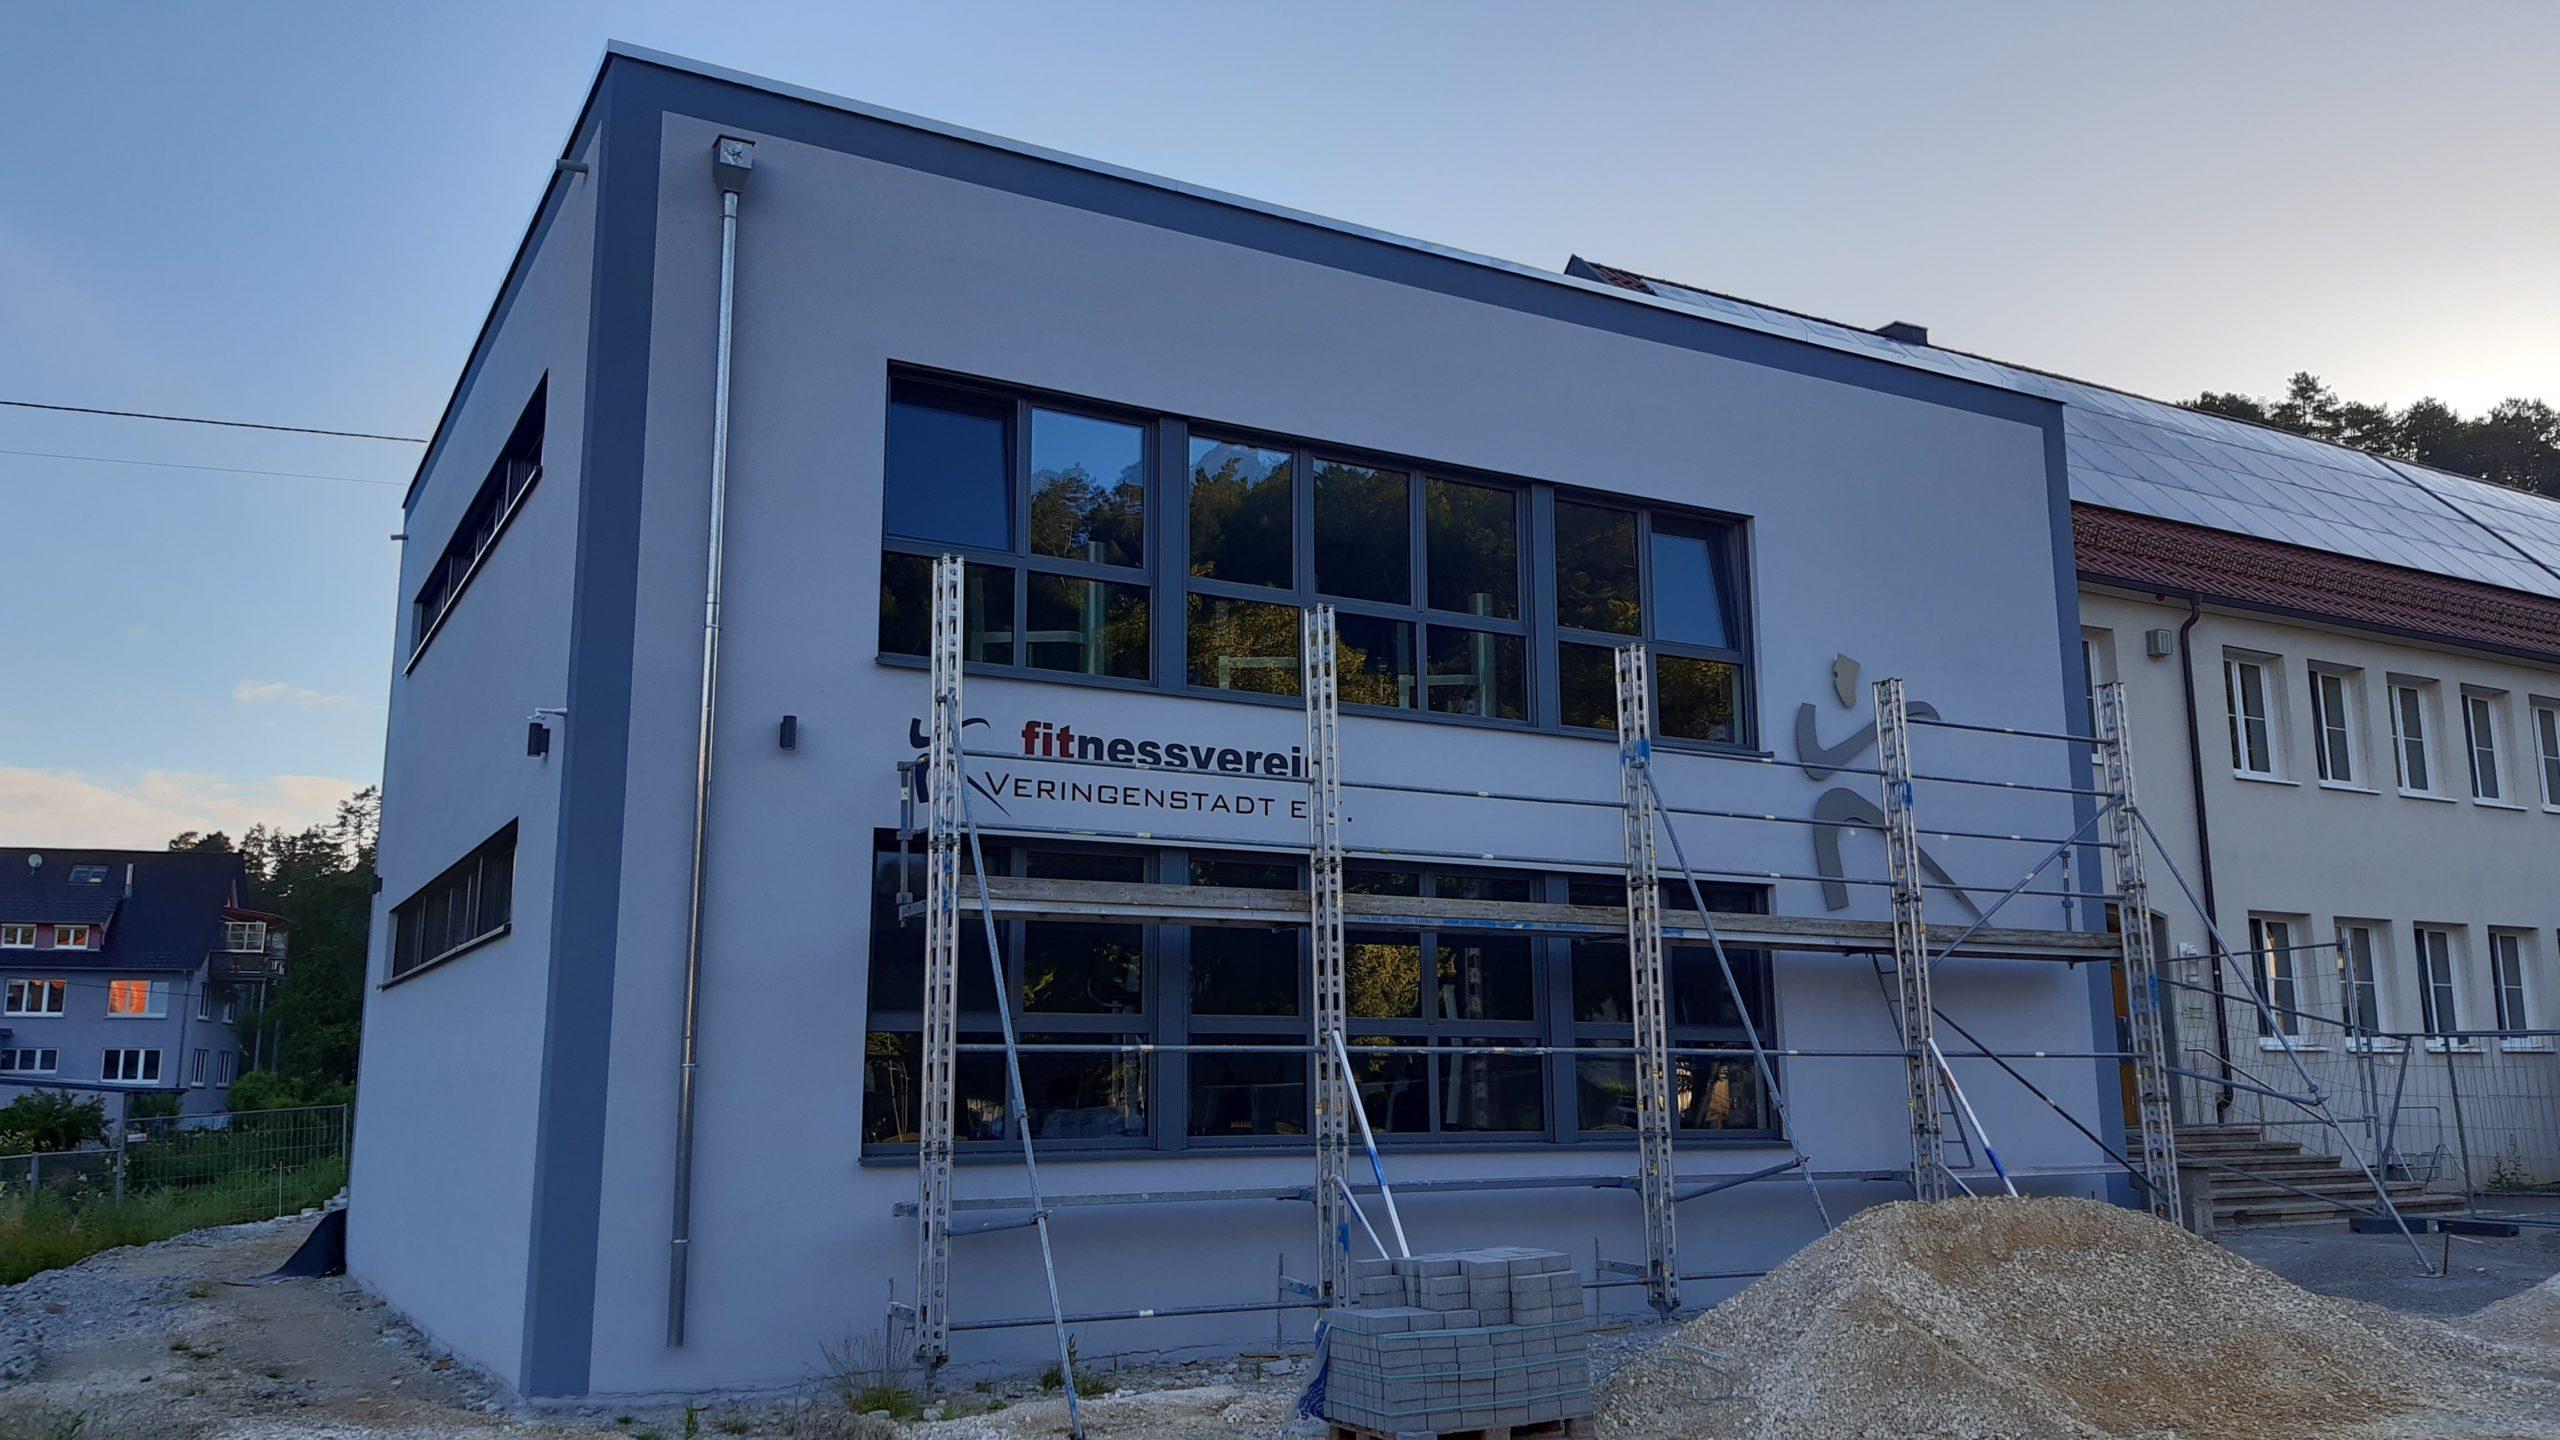 07_Veringenstadt_Fitness